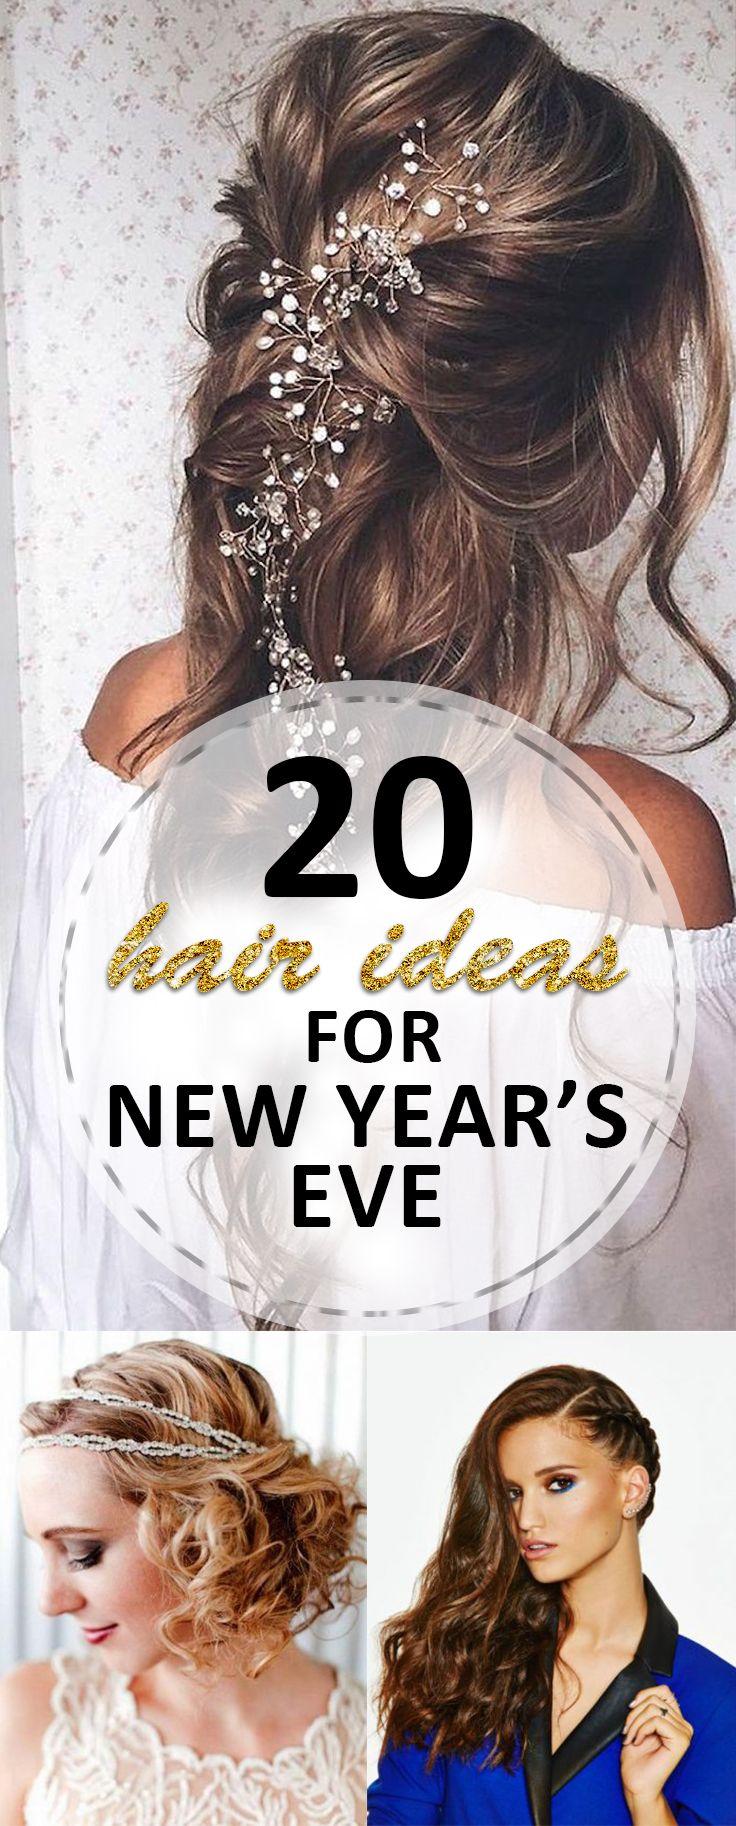 10-hair-ideas-for-new-years-eve #newyearseve #hairideas